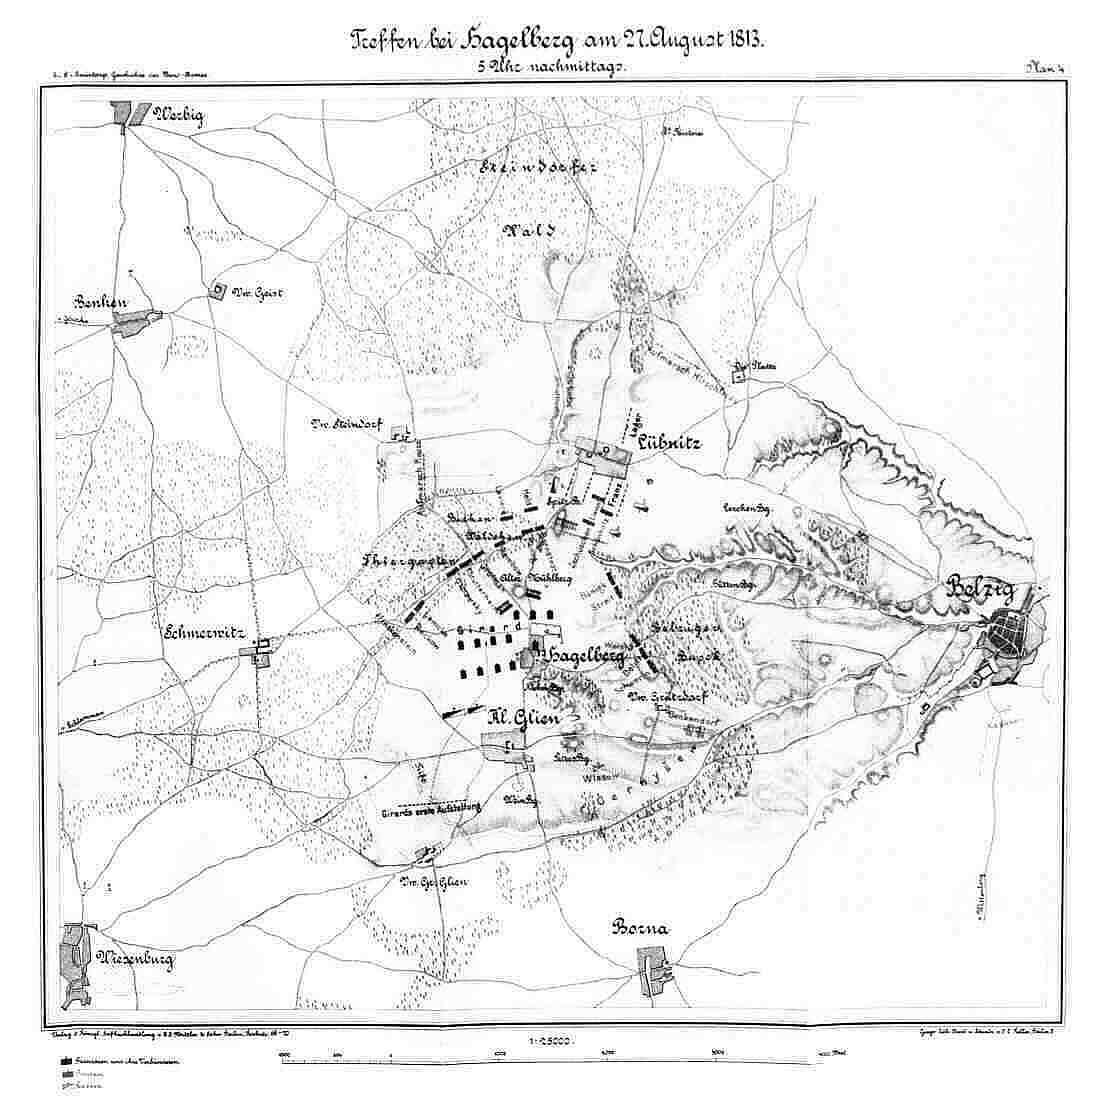 Hagelberg (1813)